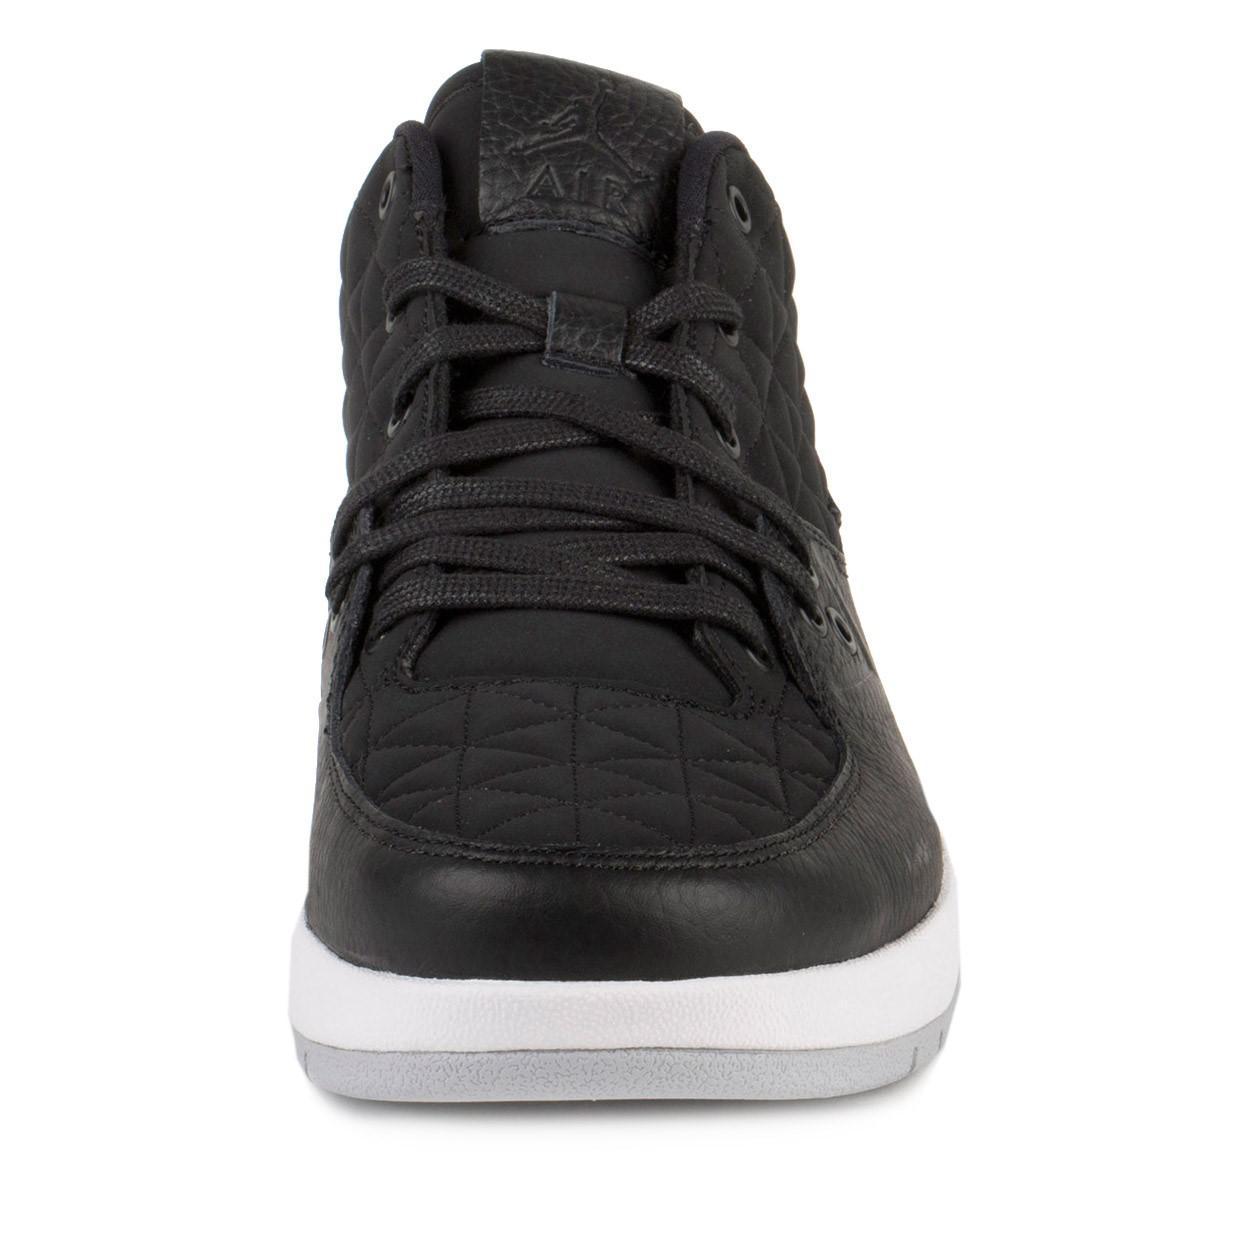 7dbda3c2eb0 Lyst - Nike Jordan Clutch Black white-wolf Grey 845043-010 in Black ...